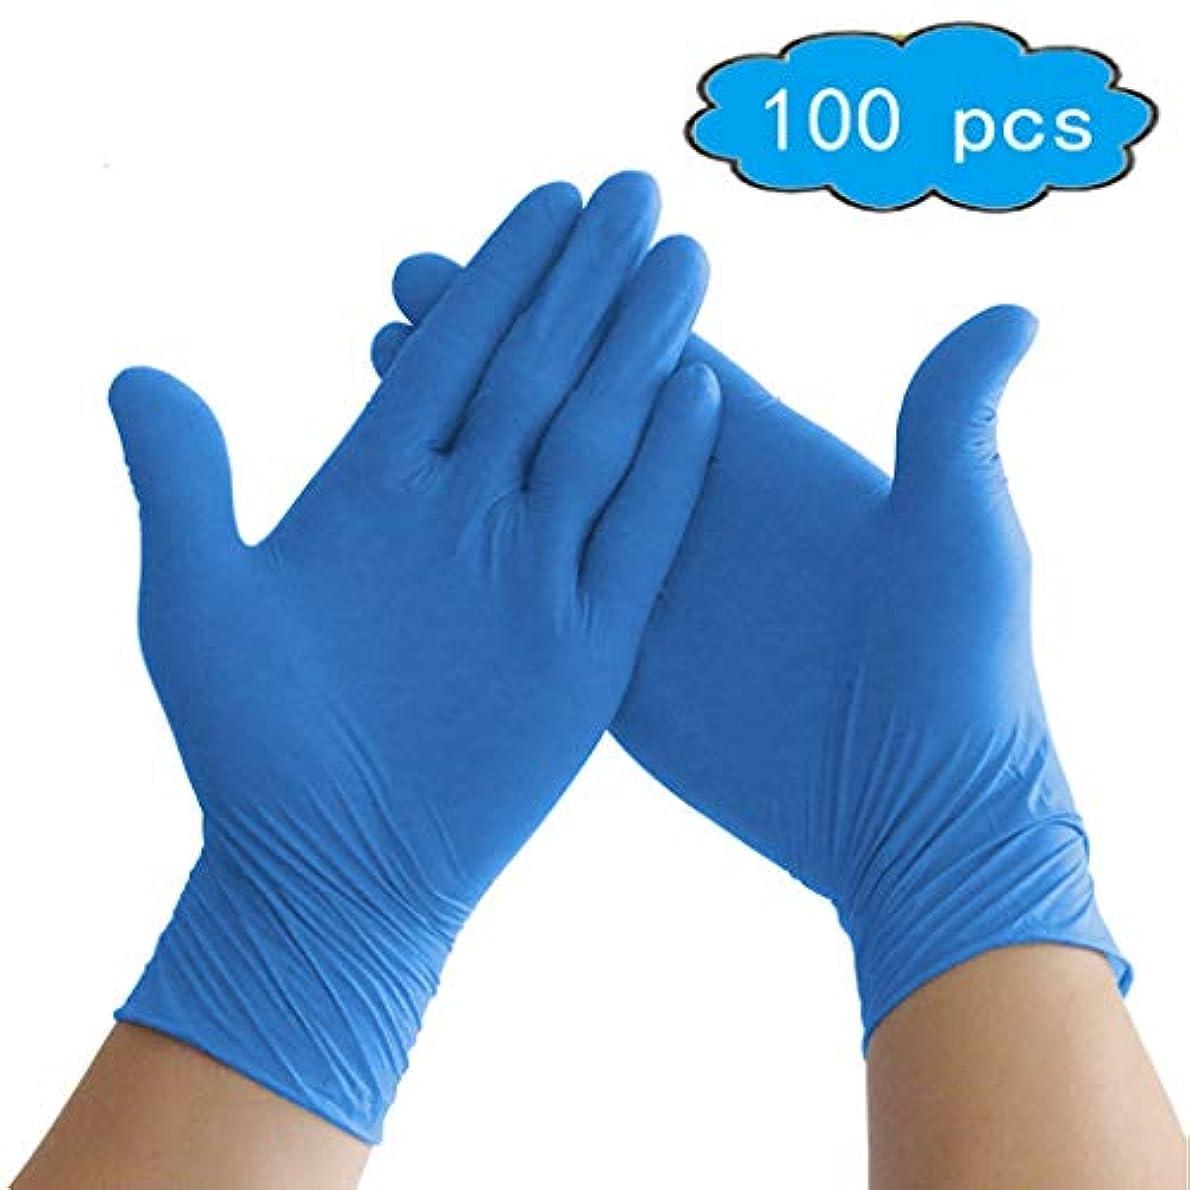 有名存在飲料ニトリル手袋工業、パウダーフリー、使い捨て、ブルー(100箱)衛生手袋 (Color : Blue, Size : S)